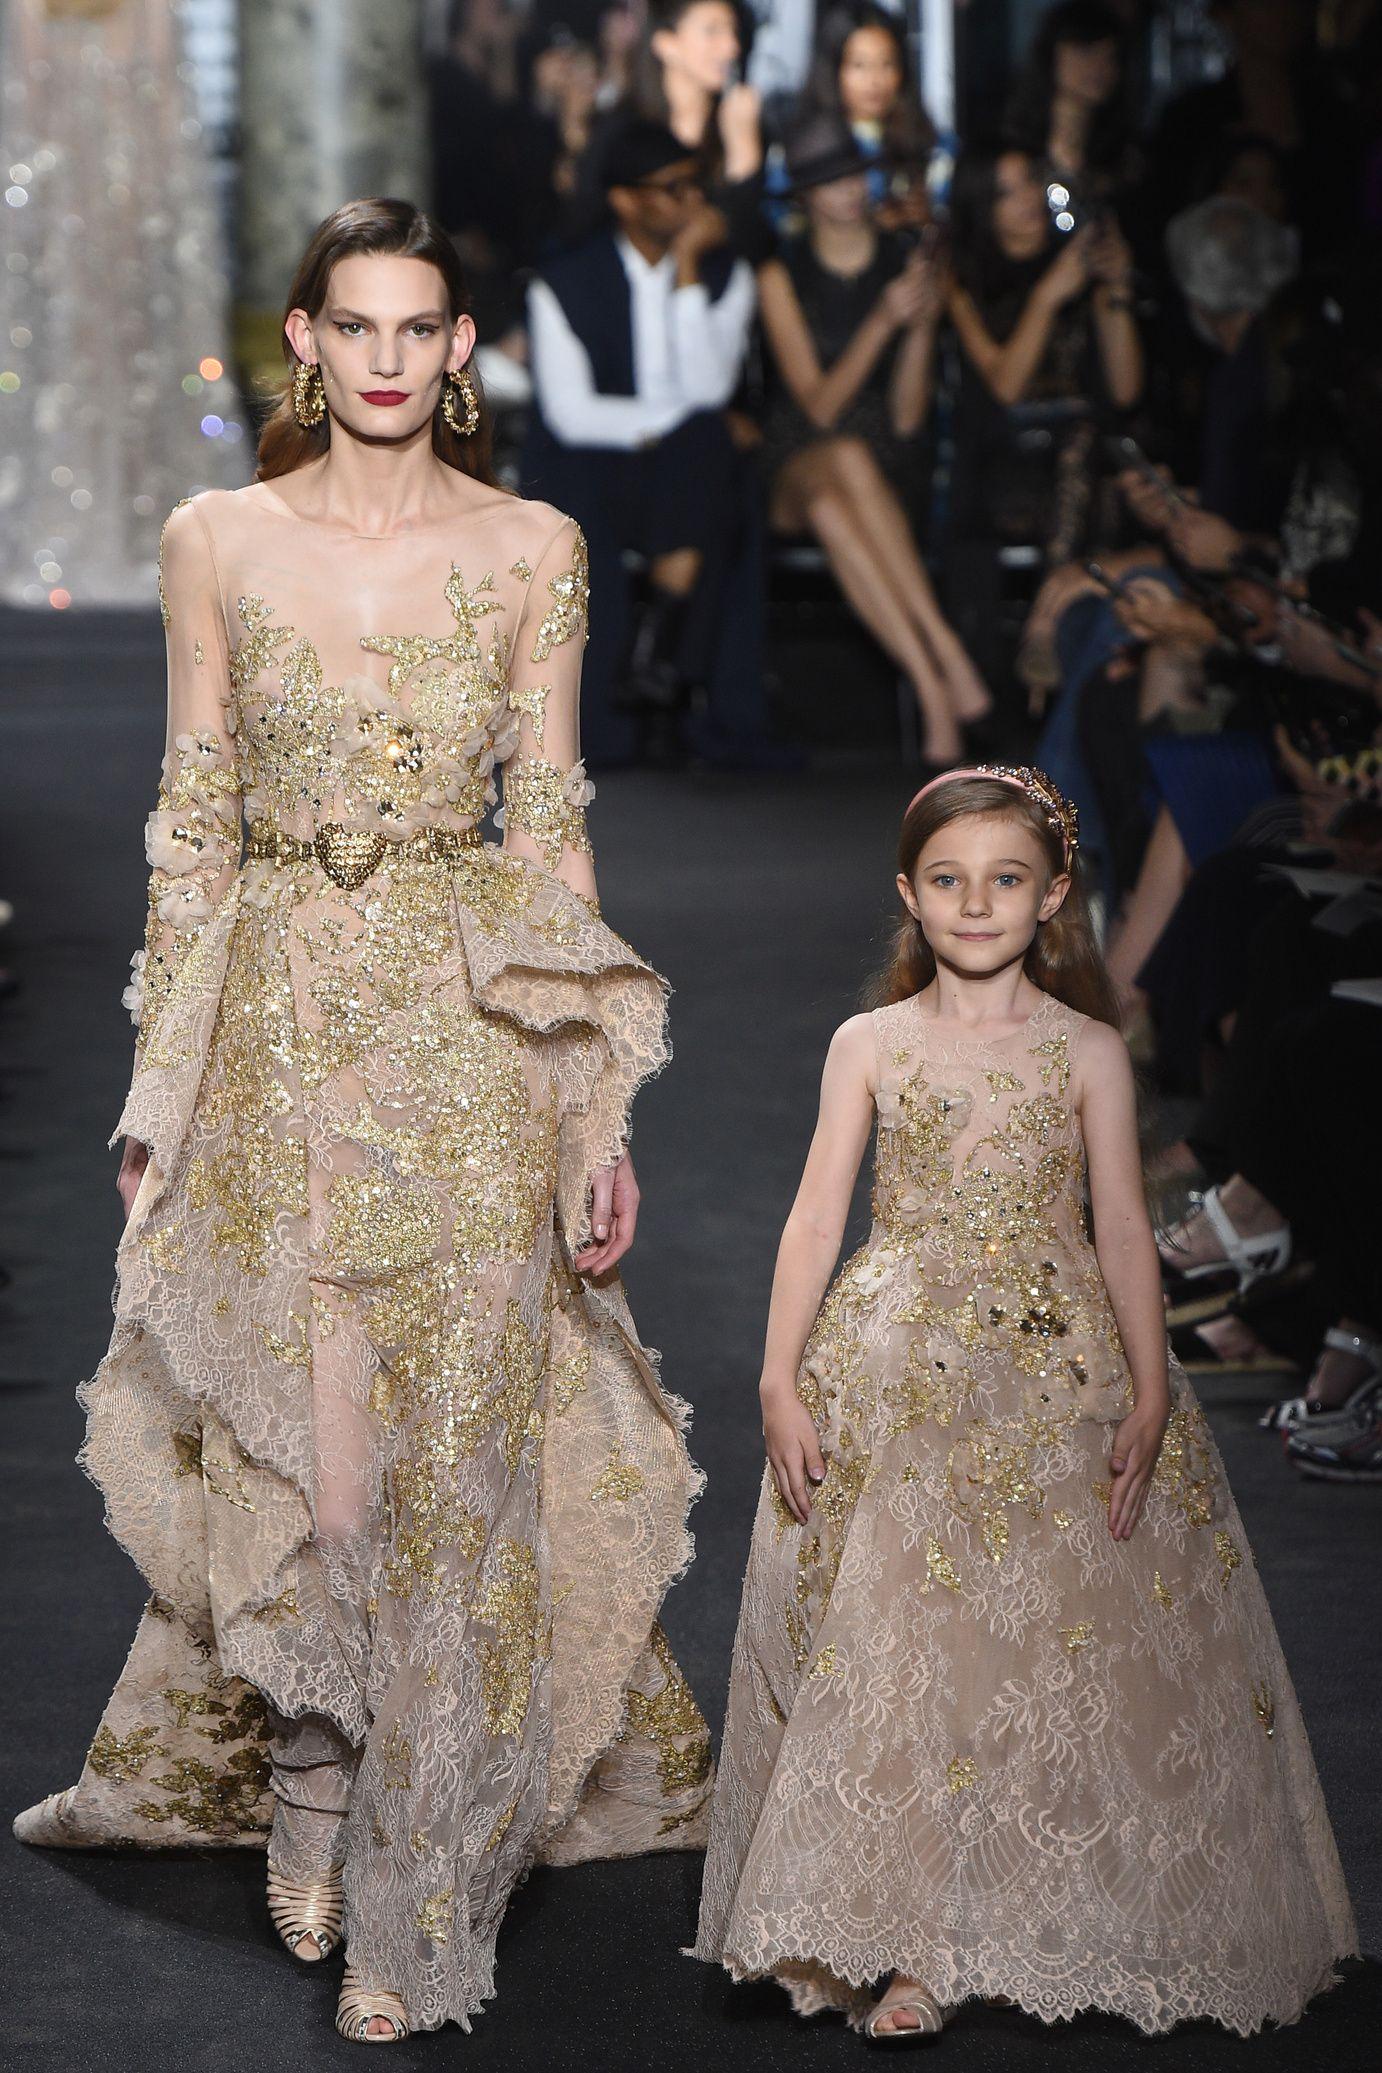 Défilé Elie Saab Haute Couture automne-hiver 2016-2017 16                                                                                                                                                      More